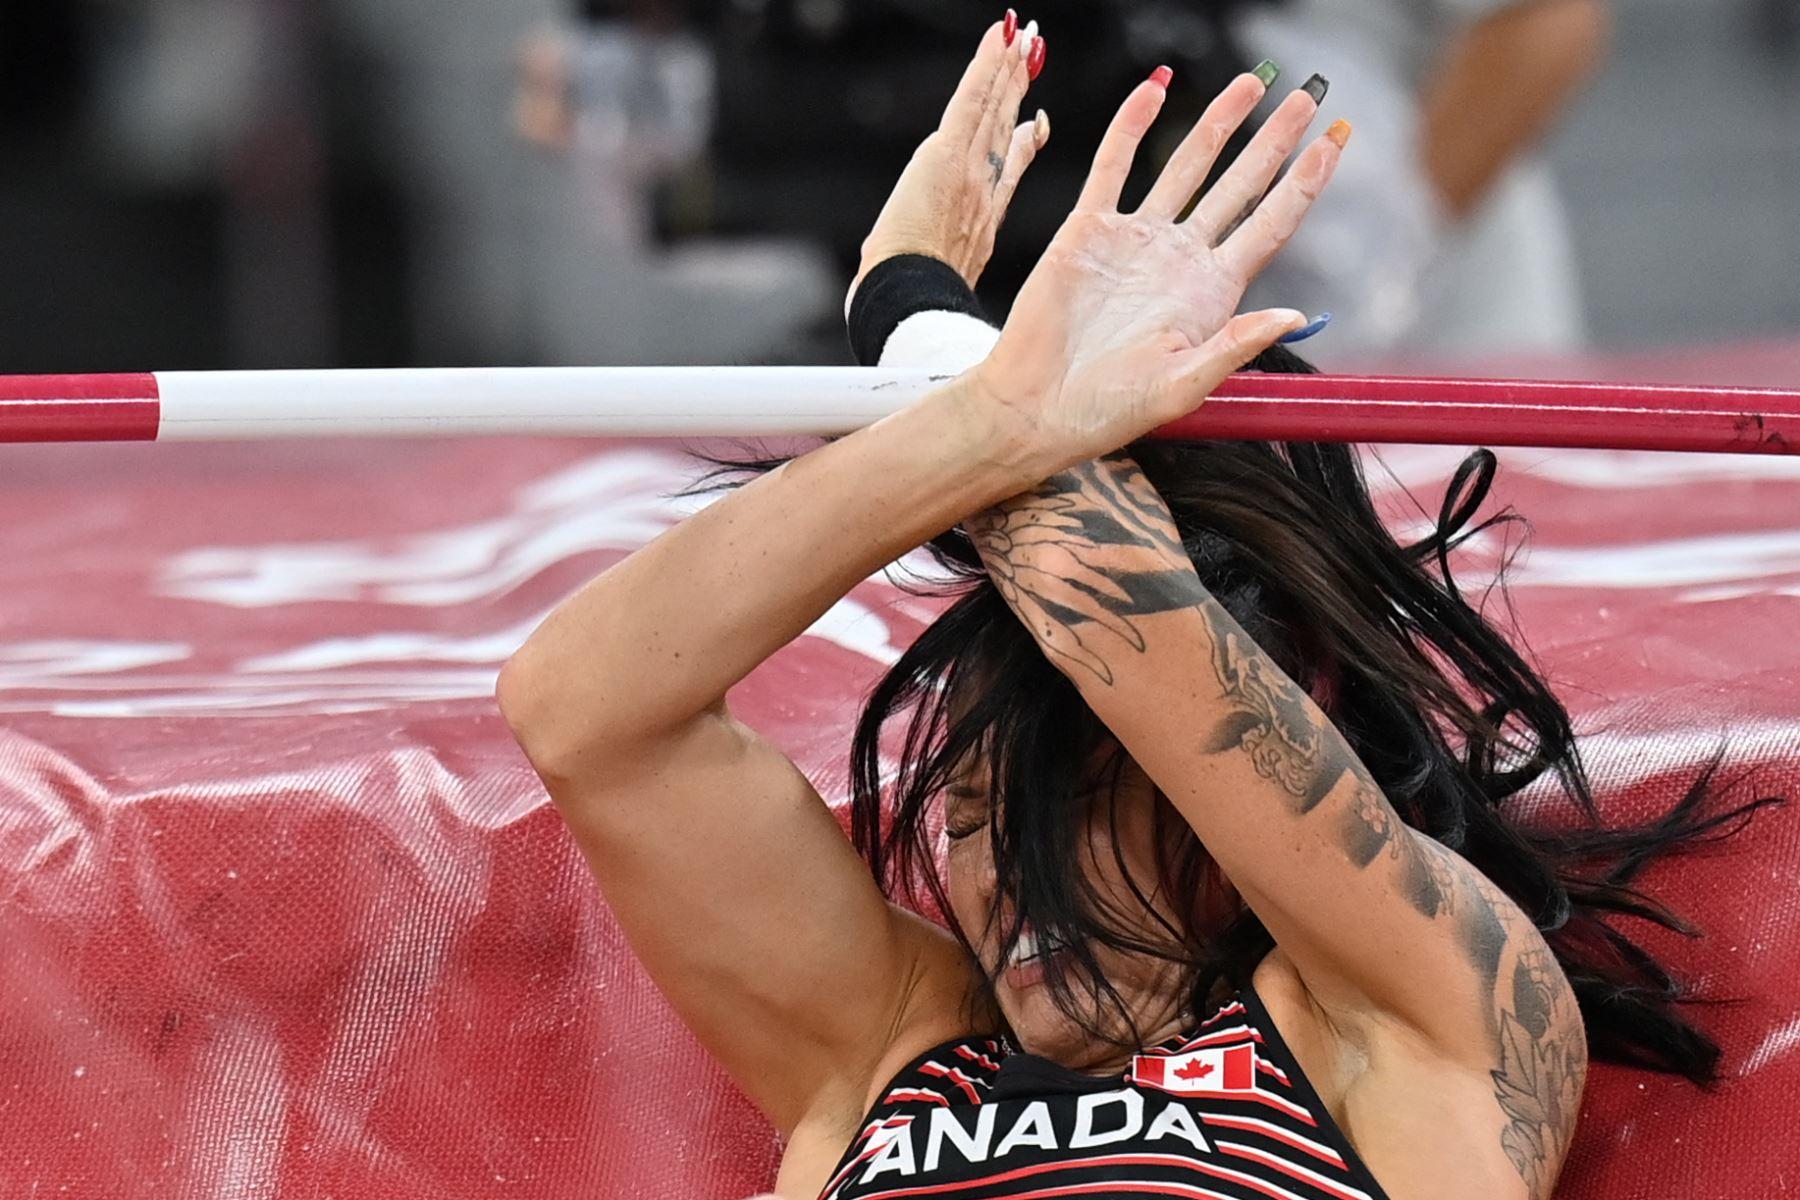 La canadiense Anicka Newell compite en la final de salto con pértiga femenino durante los Juegos Olímpicos de Tokio 2020 en el Estadio Olímpico de Tokio .Foto:AFP